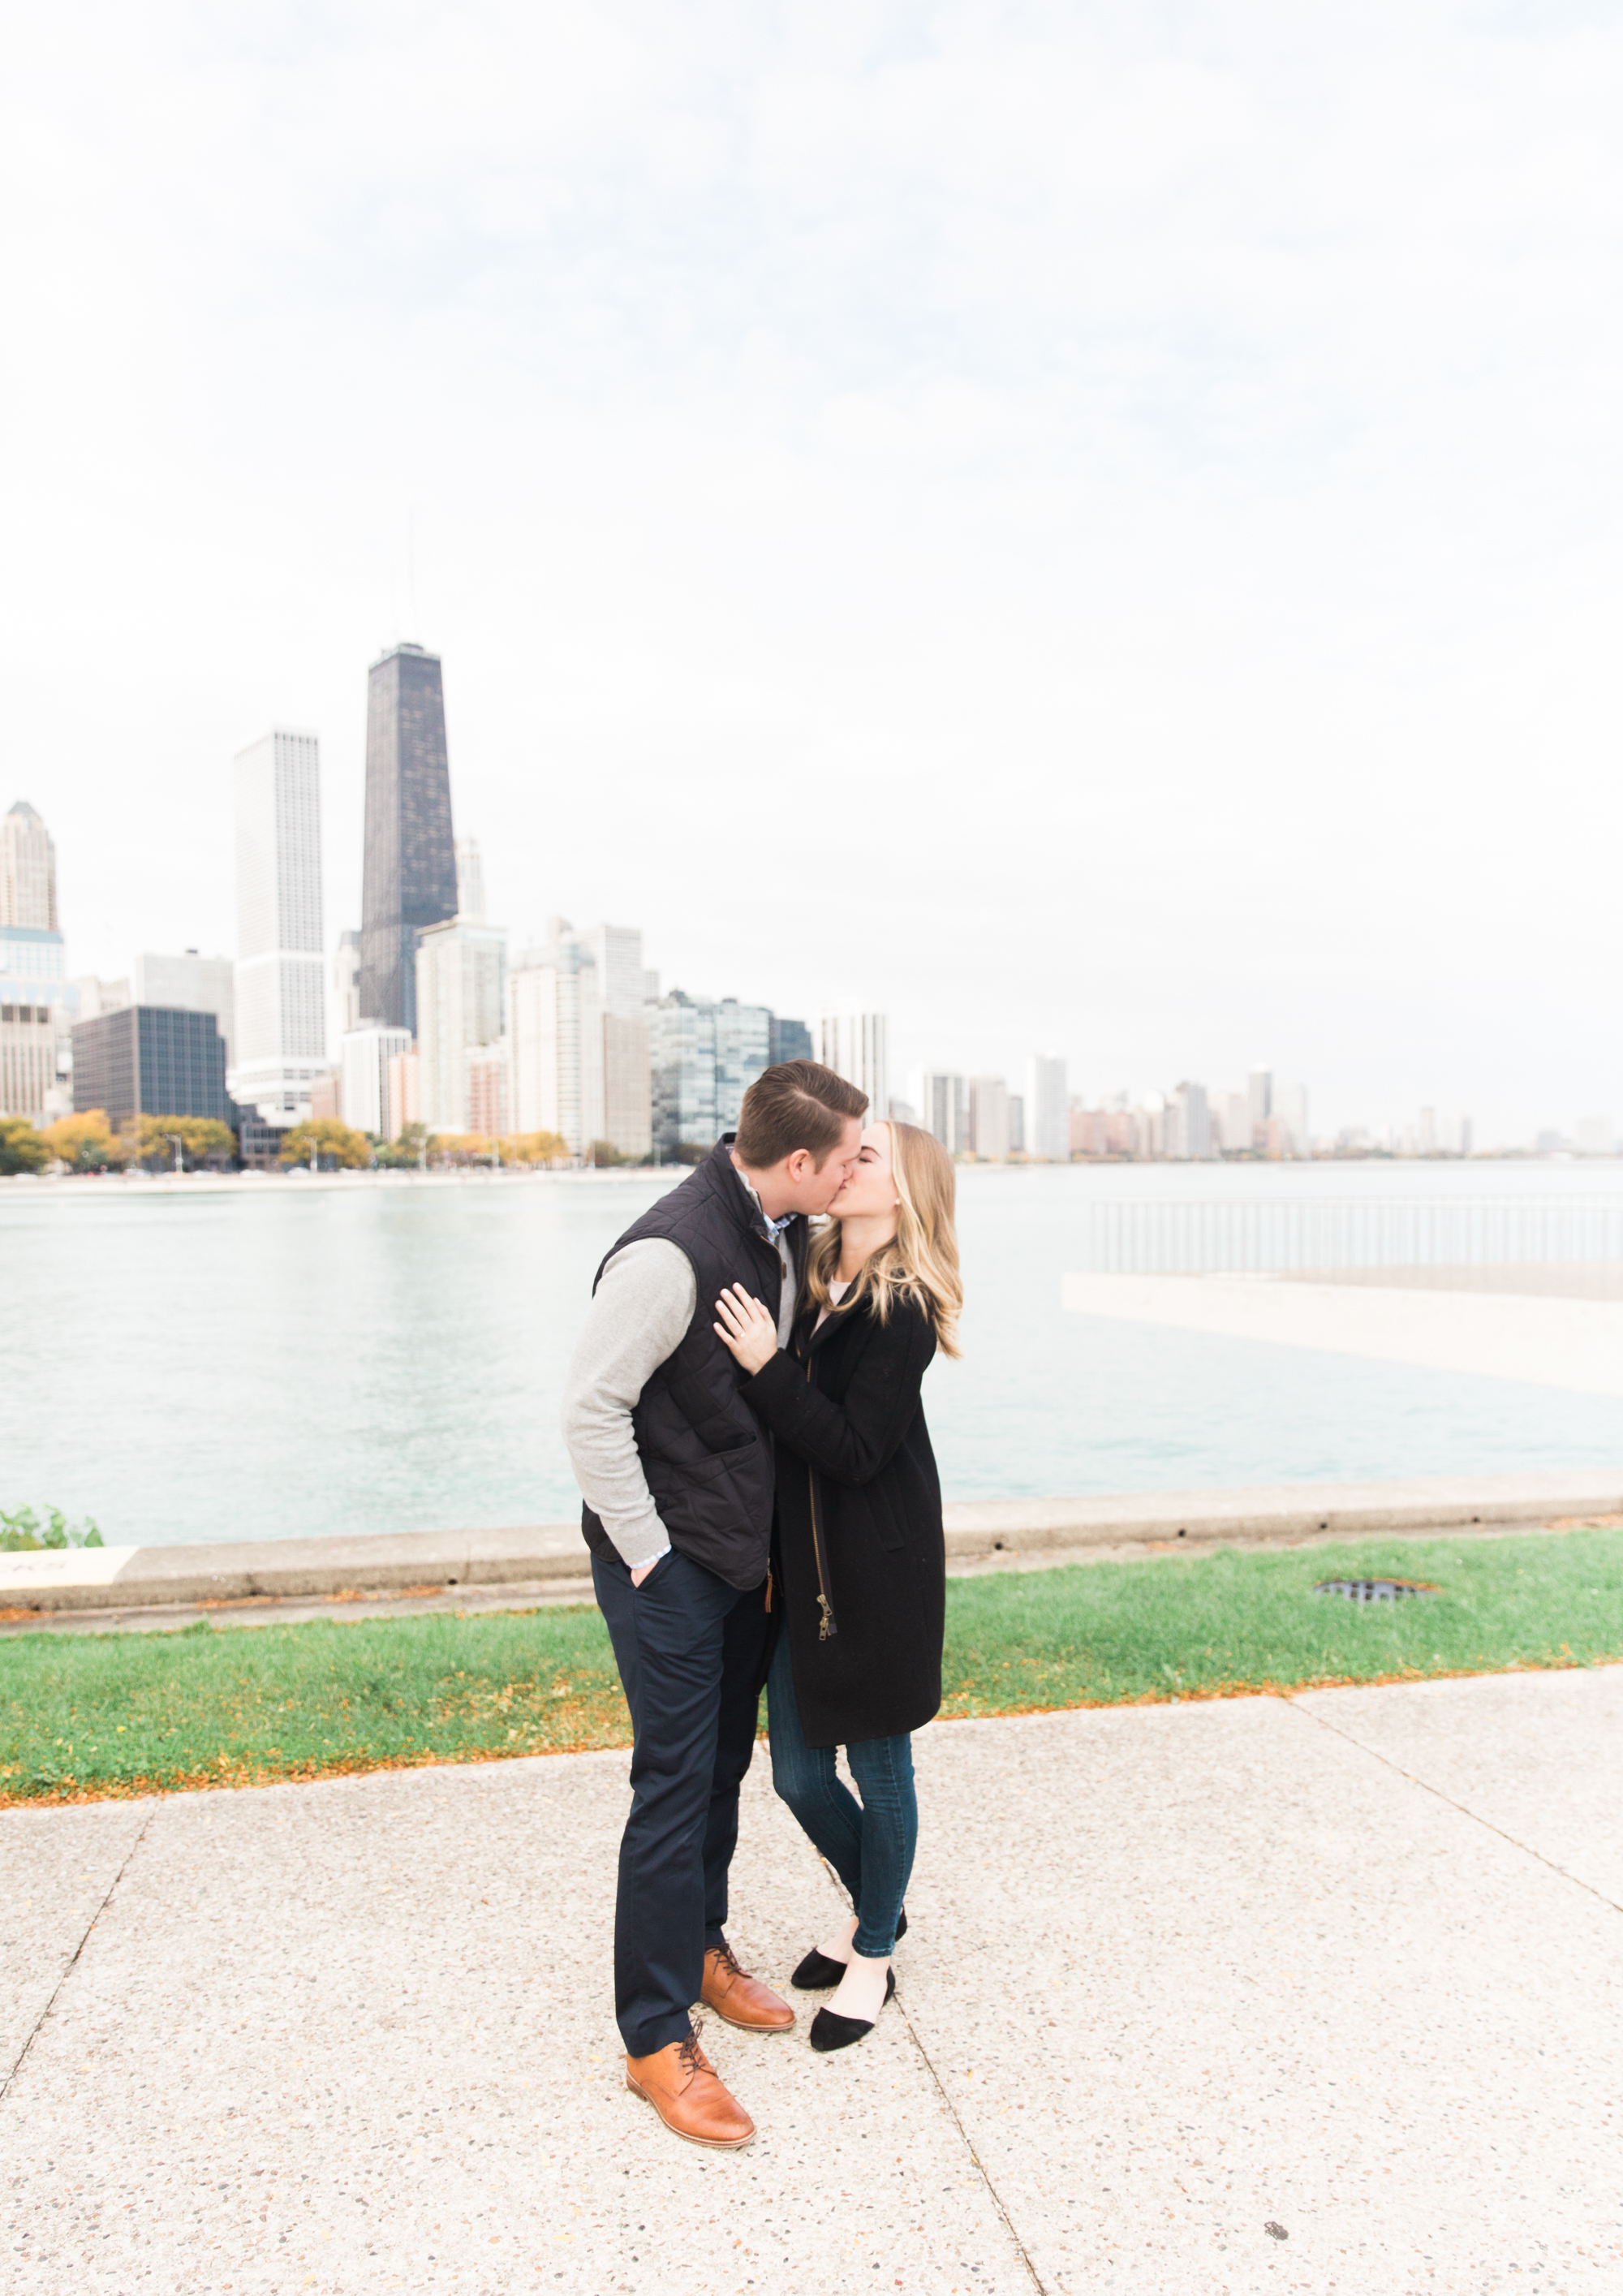 Bonphotage Chicago Surprise Proposal Photography